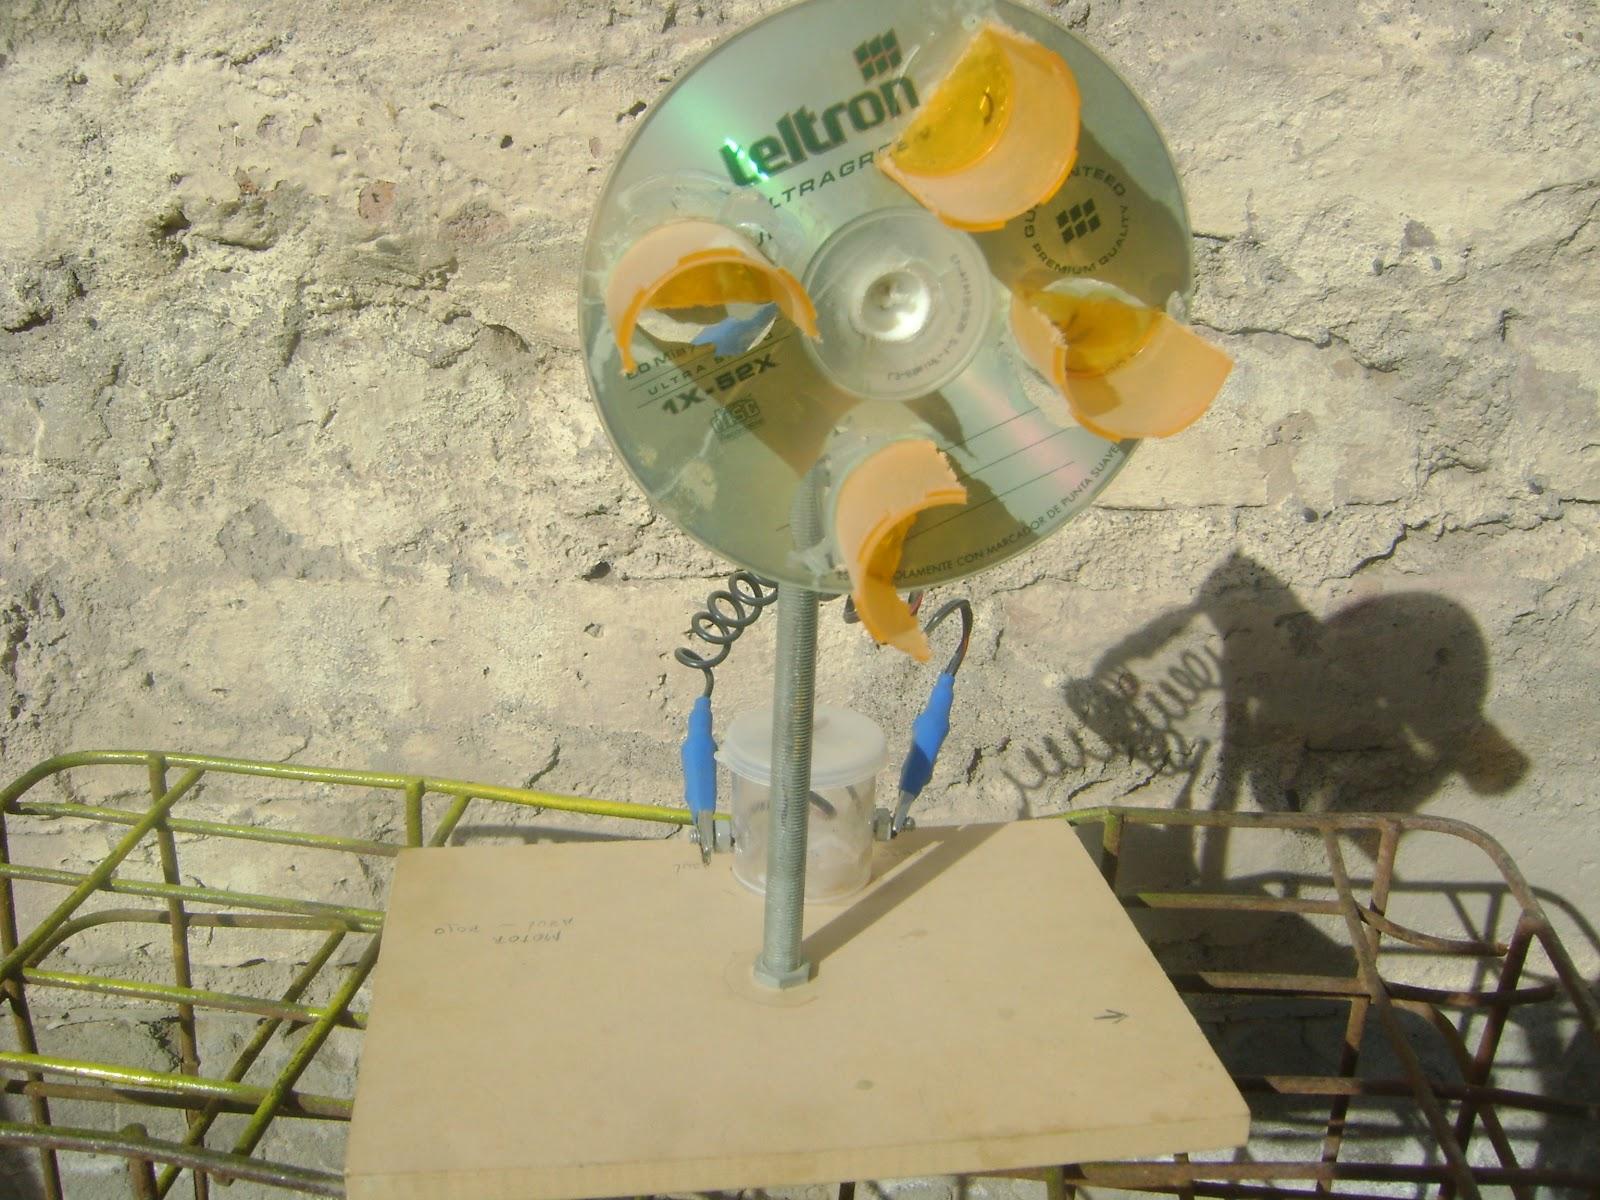 Molino e lico generador casero taller de ciencias de for Como hacer molinos de viento para el jardin